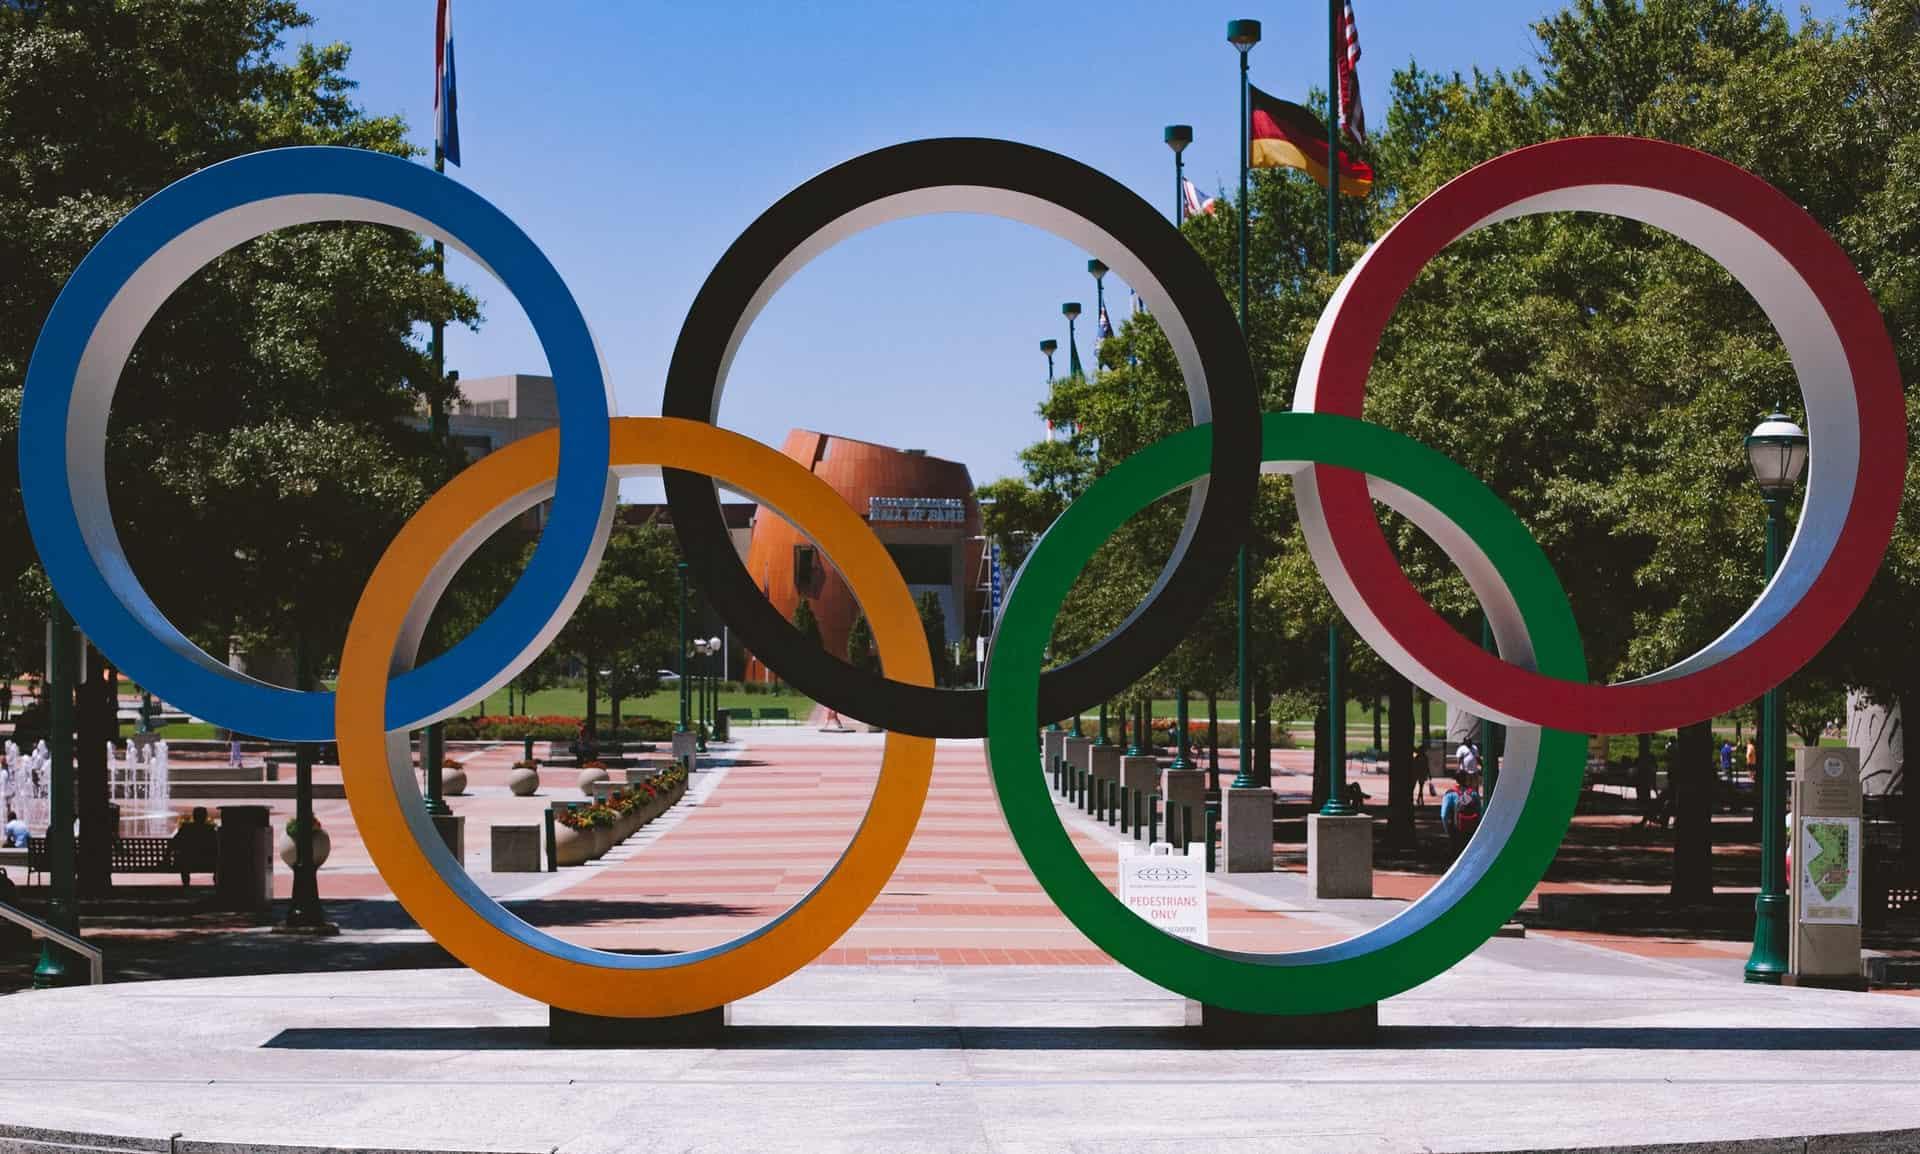 olimpiadas-unsplash